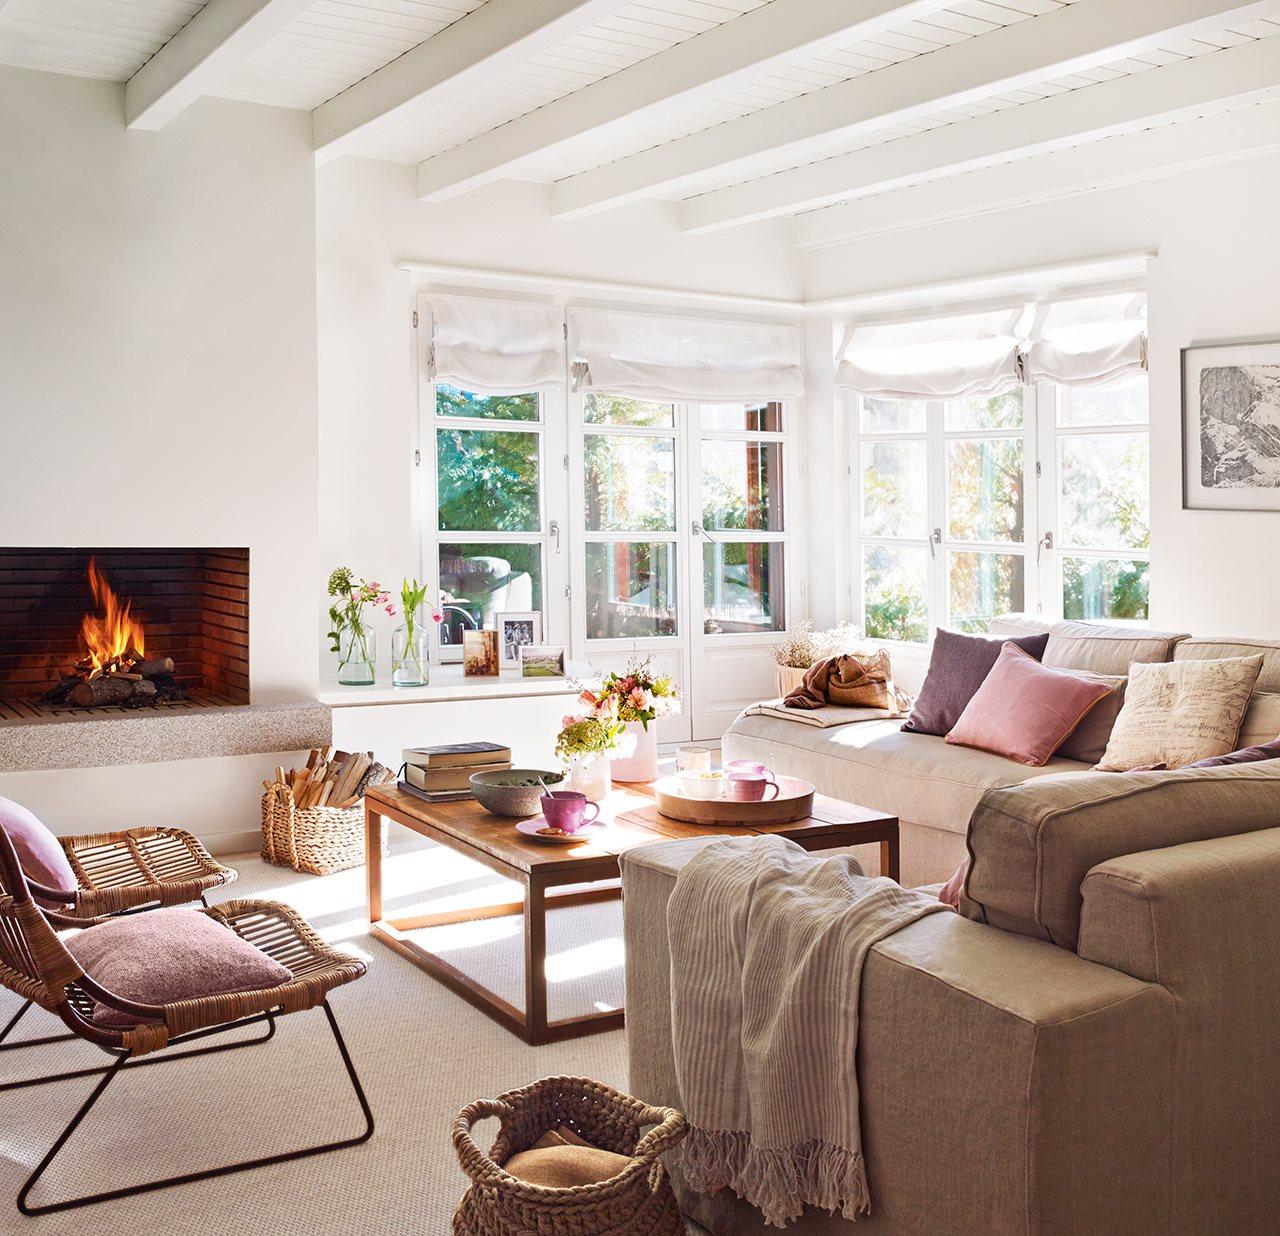 Tonuri neutre de culoare și accente pastelate într-un apartament din Vall d